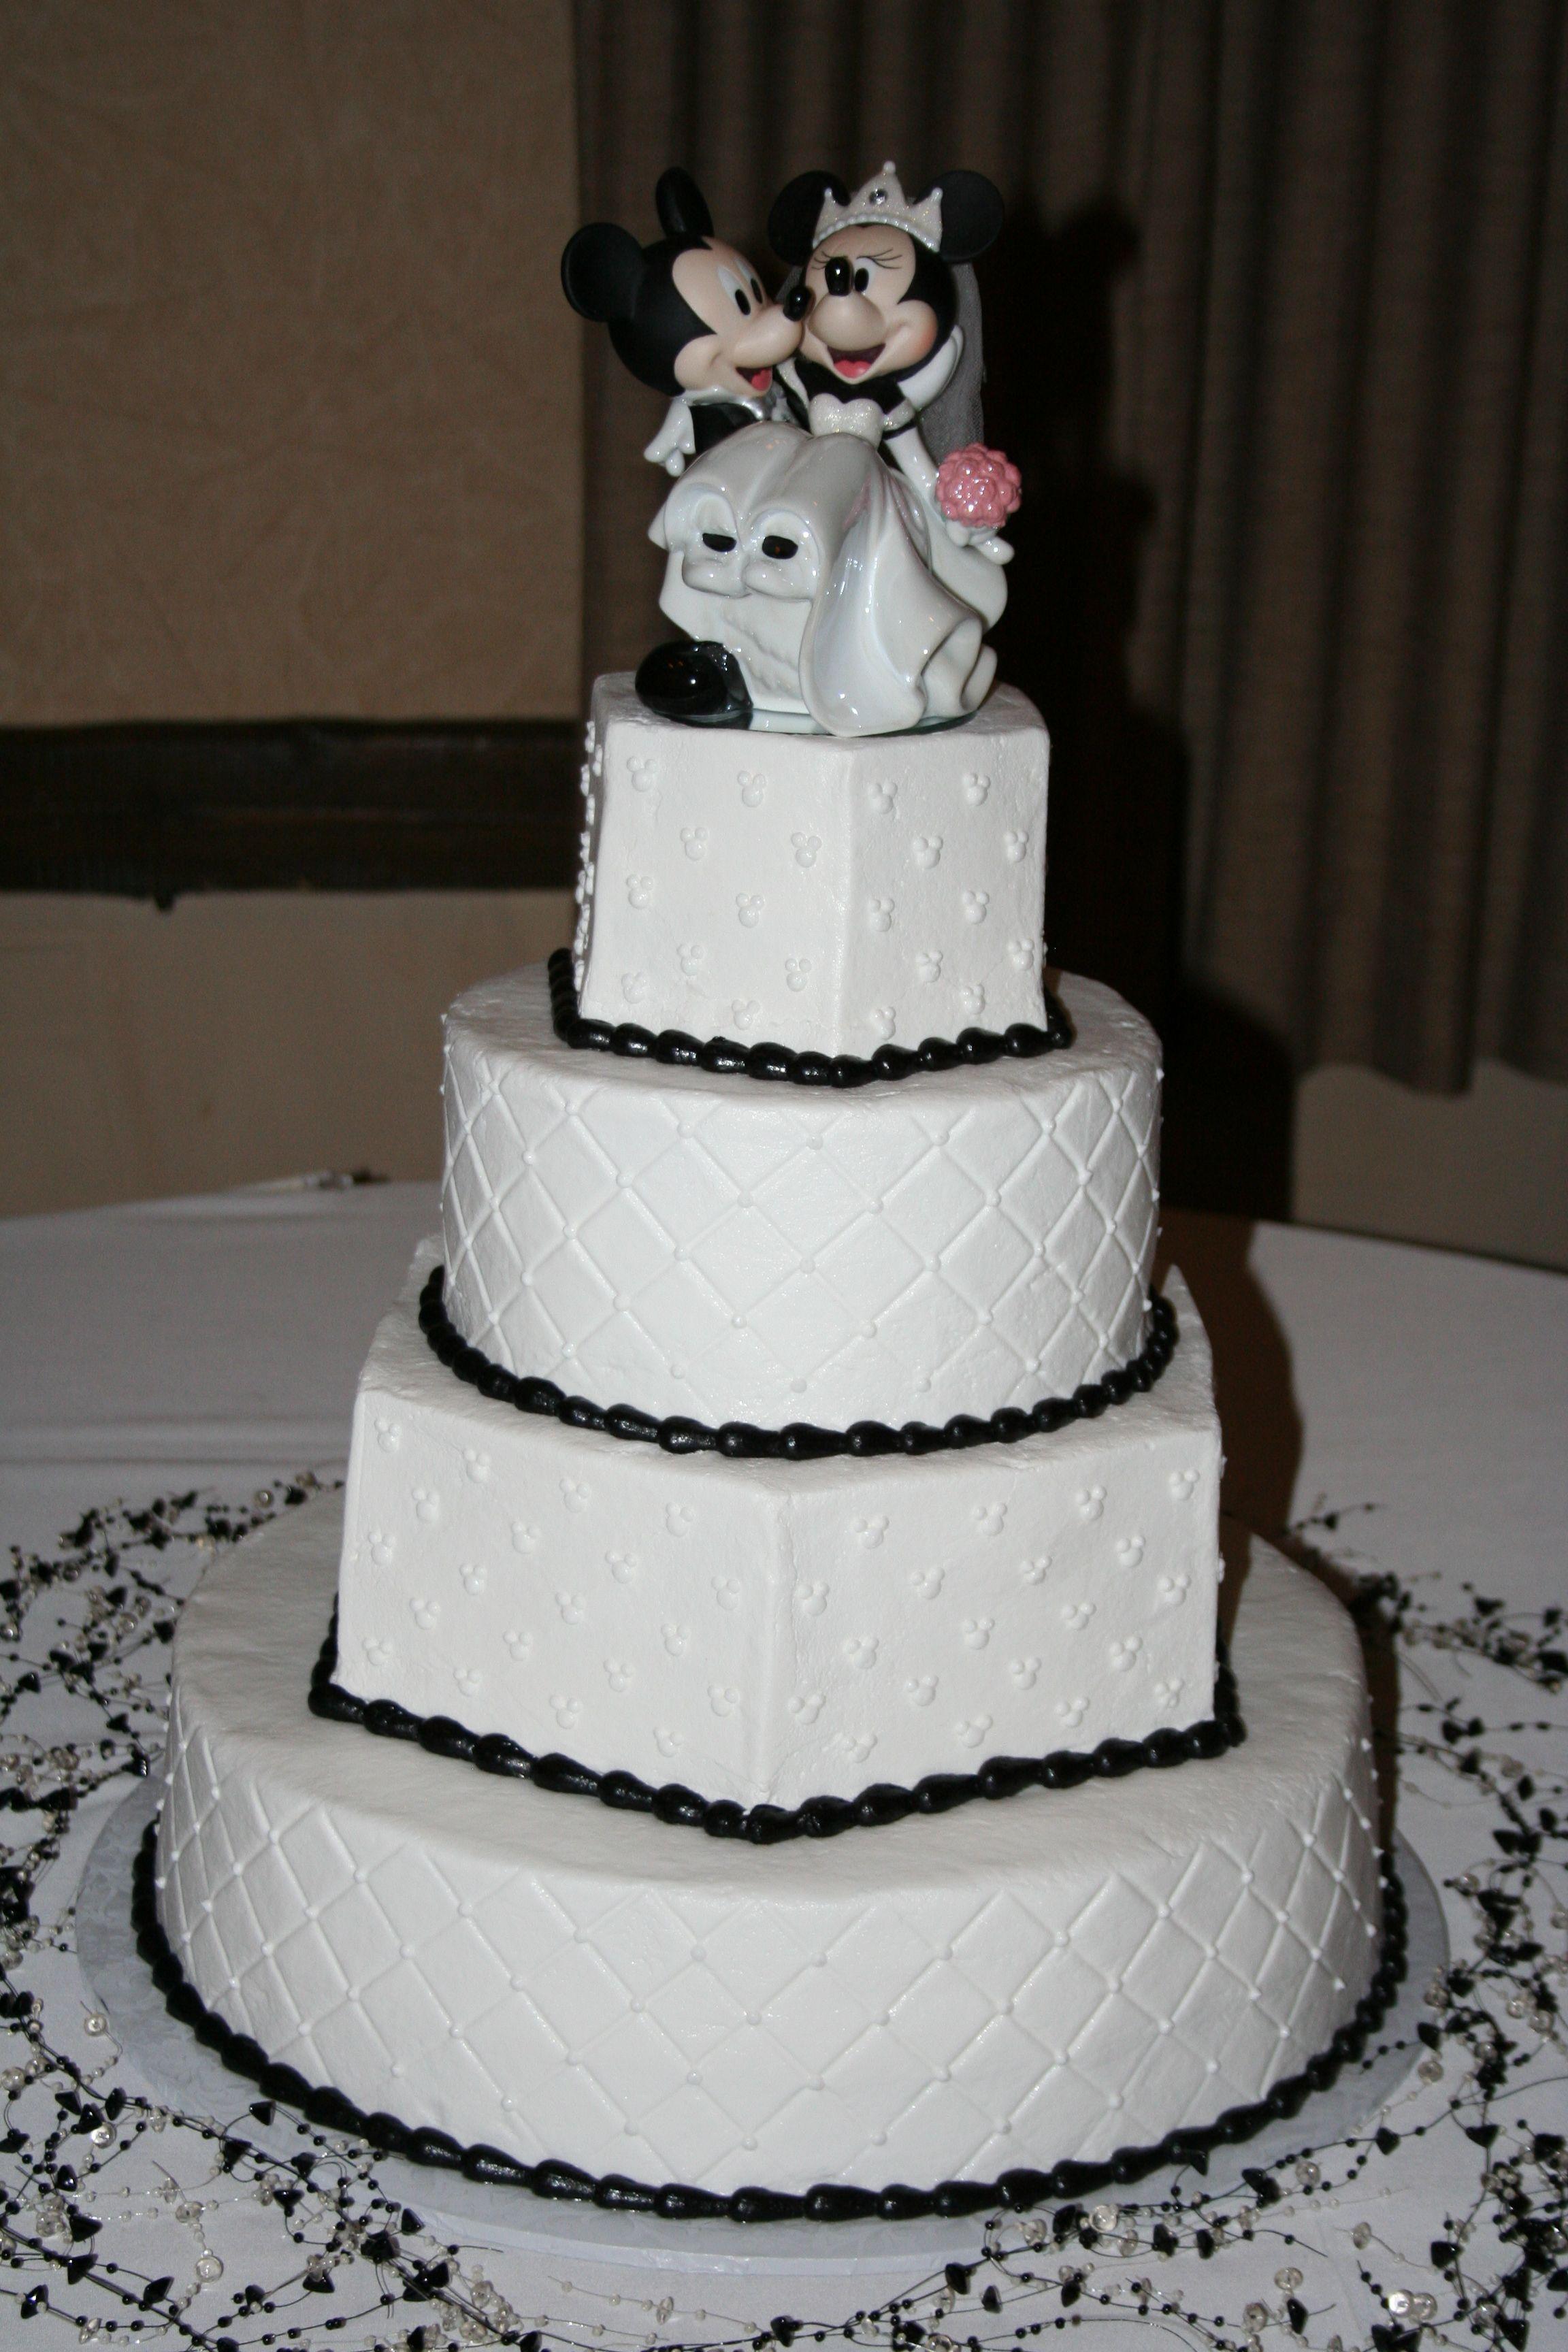 Disney Wedding Cake Images : Share